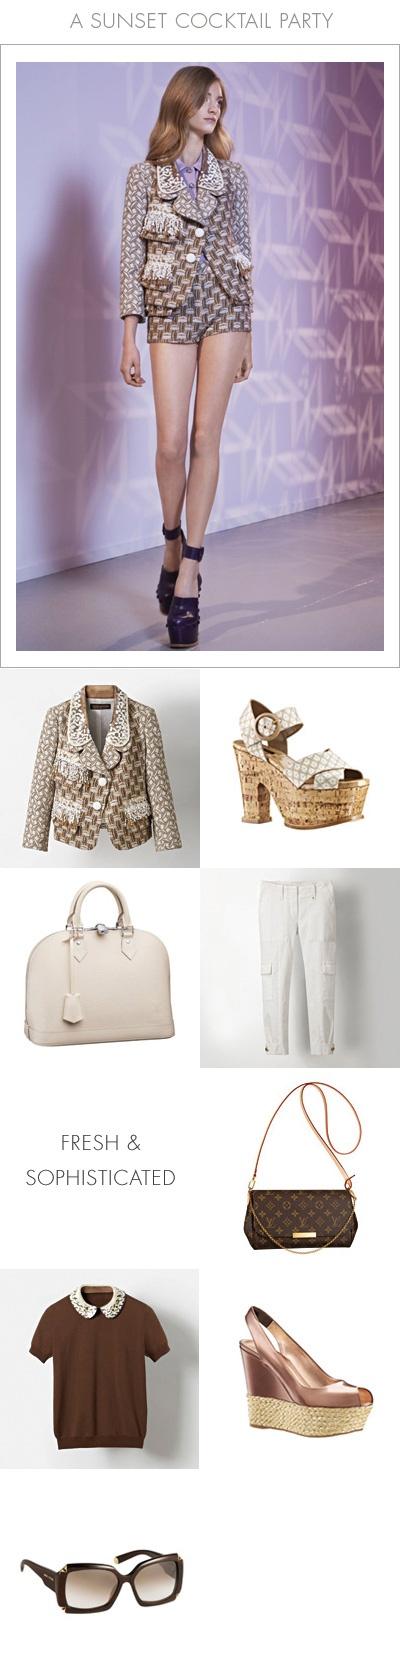 Scopri come Kim Hersov abbina i capi e gli accessori delle collezioni @Louis Vuitton Cruise 2013 e Icone